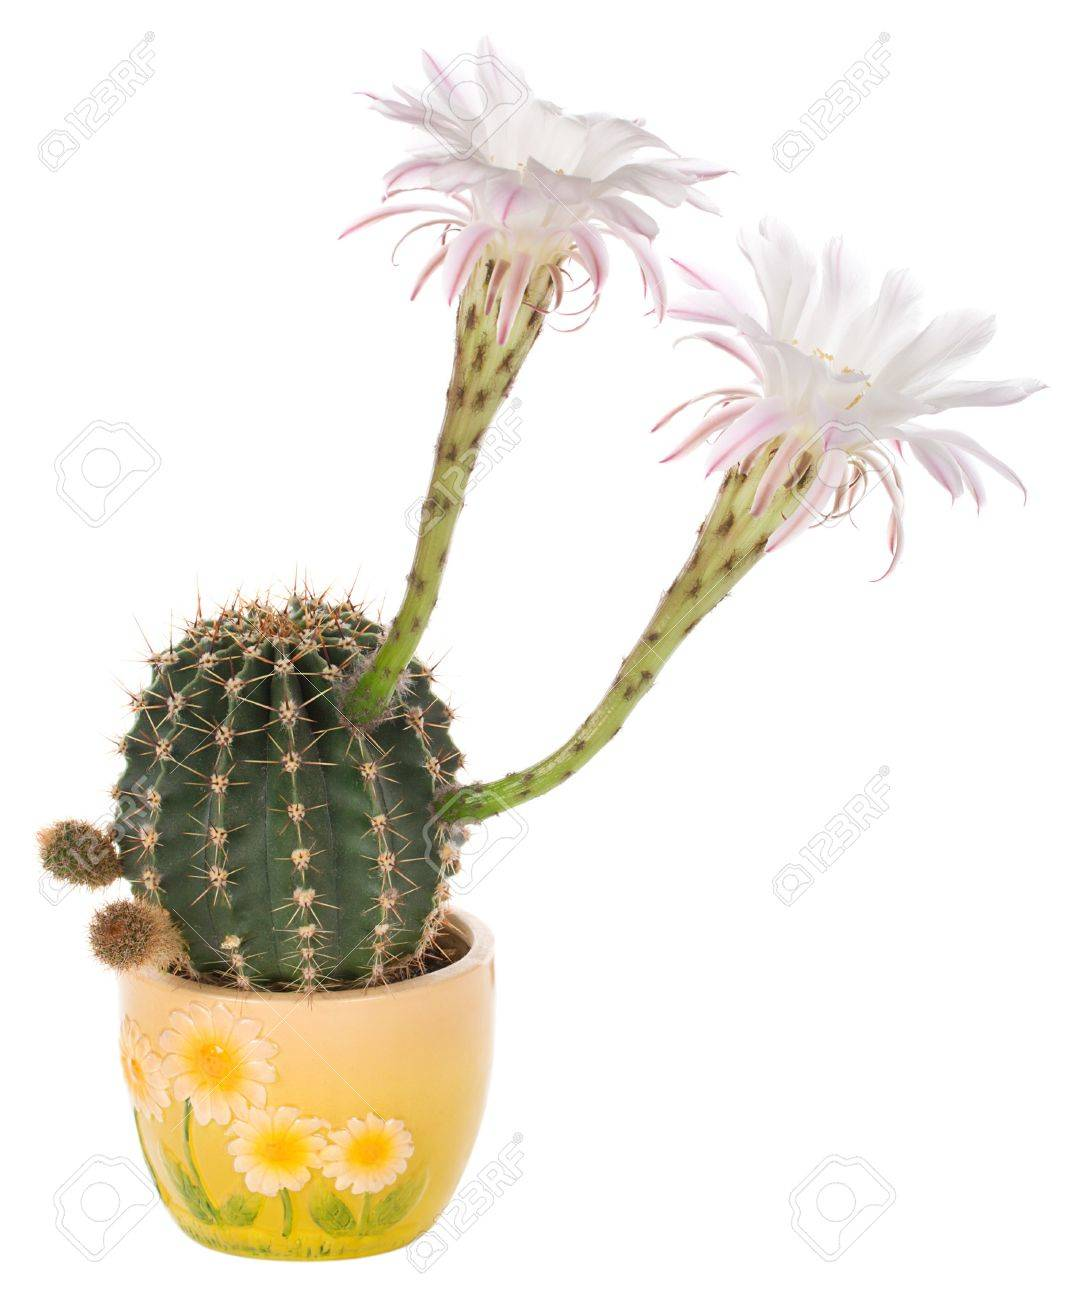 Bloemen In Pot.Bloeiende Cactus Met Witte Bloemen In Pot Gea Soleerd Op Wit